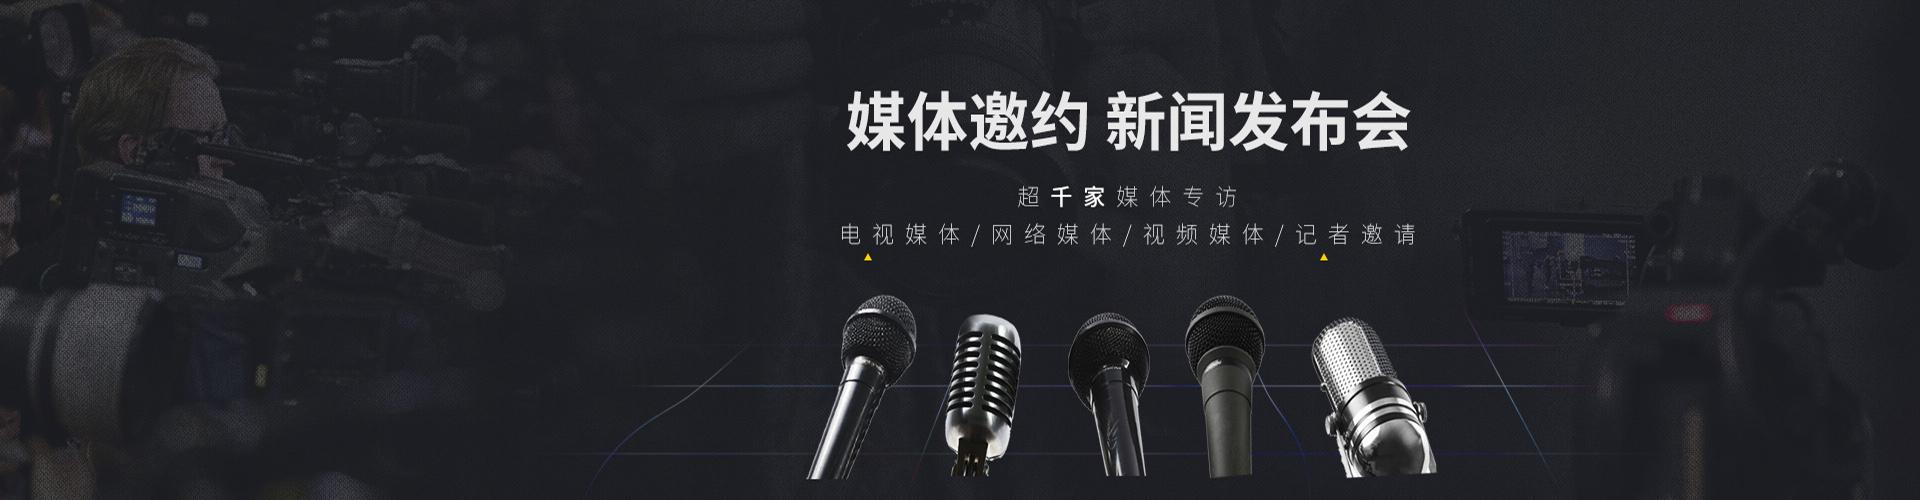 深圳网络推广平台